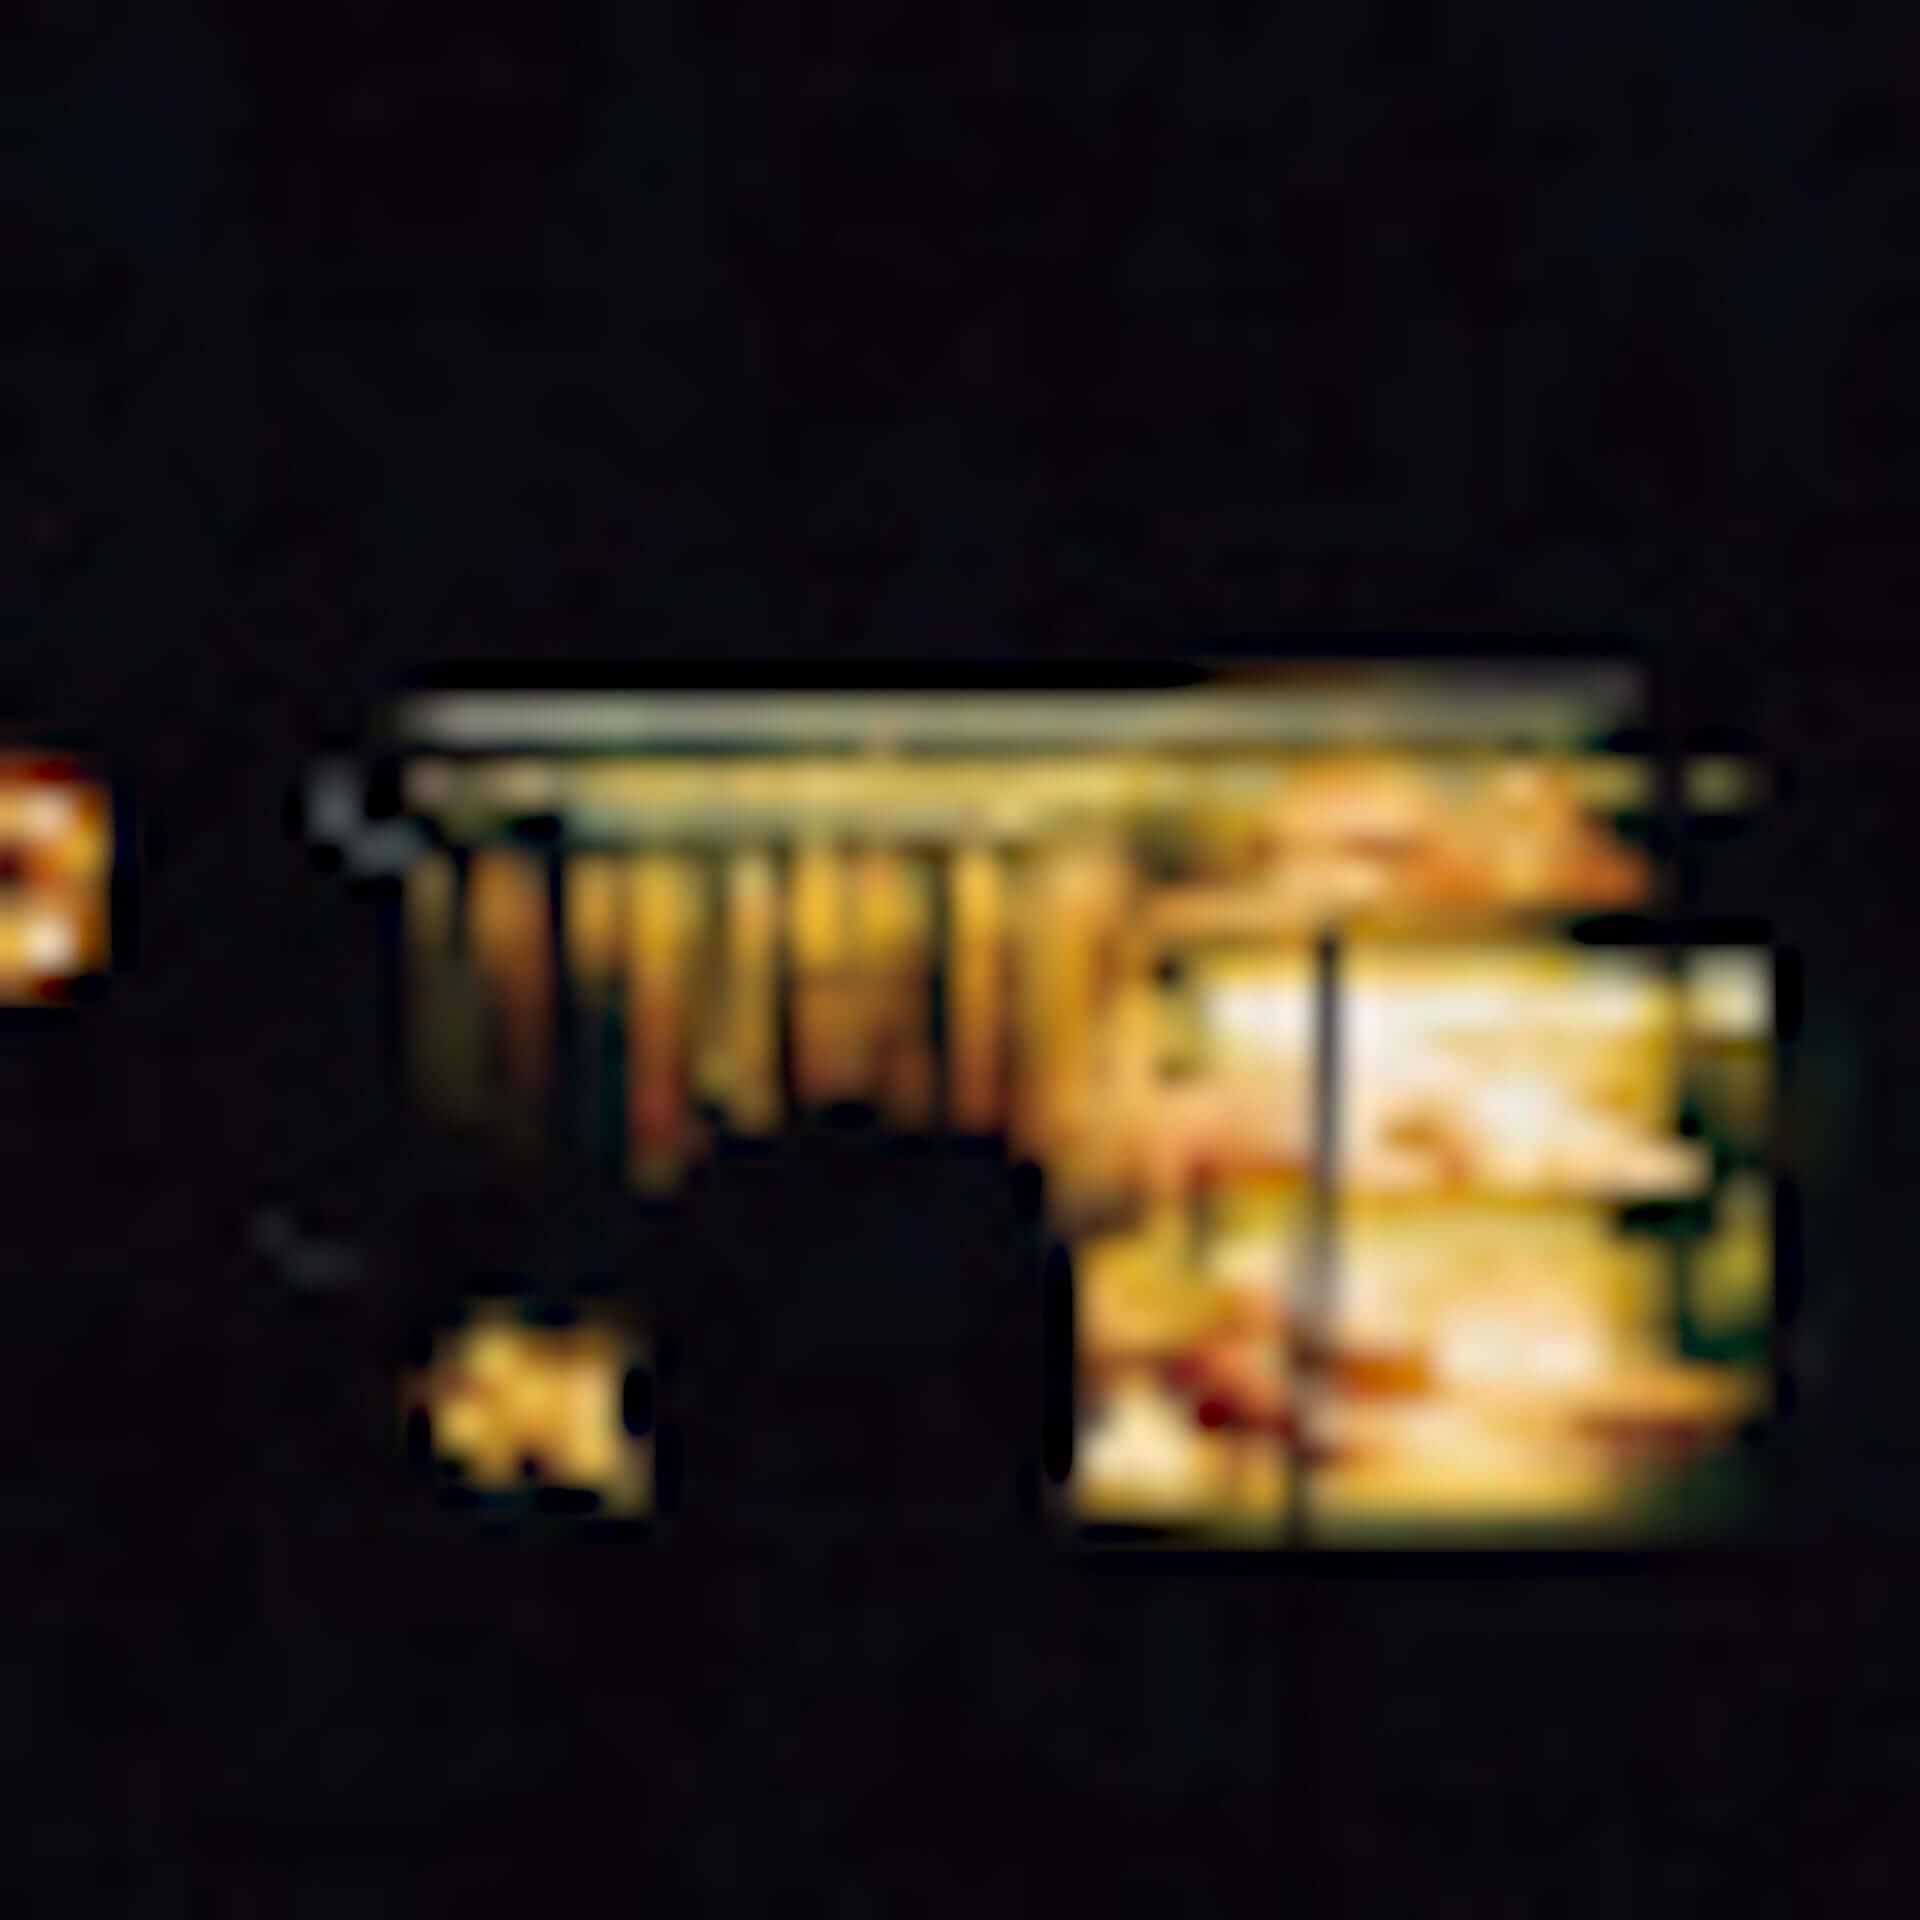 下北沢SPREADにて21時間連続の年越し/新年パーティーが開催決定!Ramza、MOODMAN、TYO GQOM、¥ØU$UK€ ¥UK1MAT$Uらが出演 music201223_spread_7-1920x1920